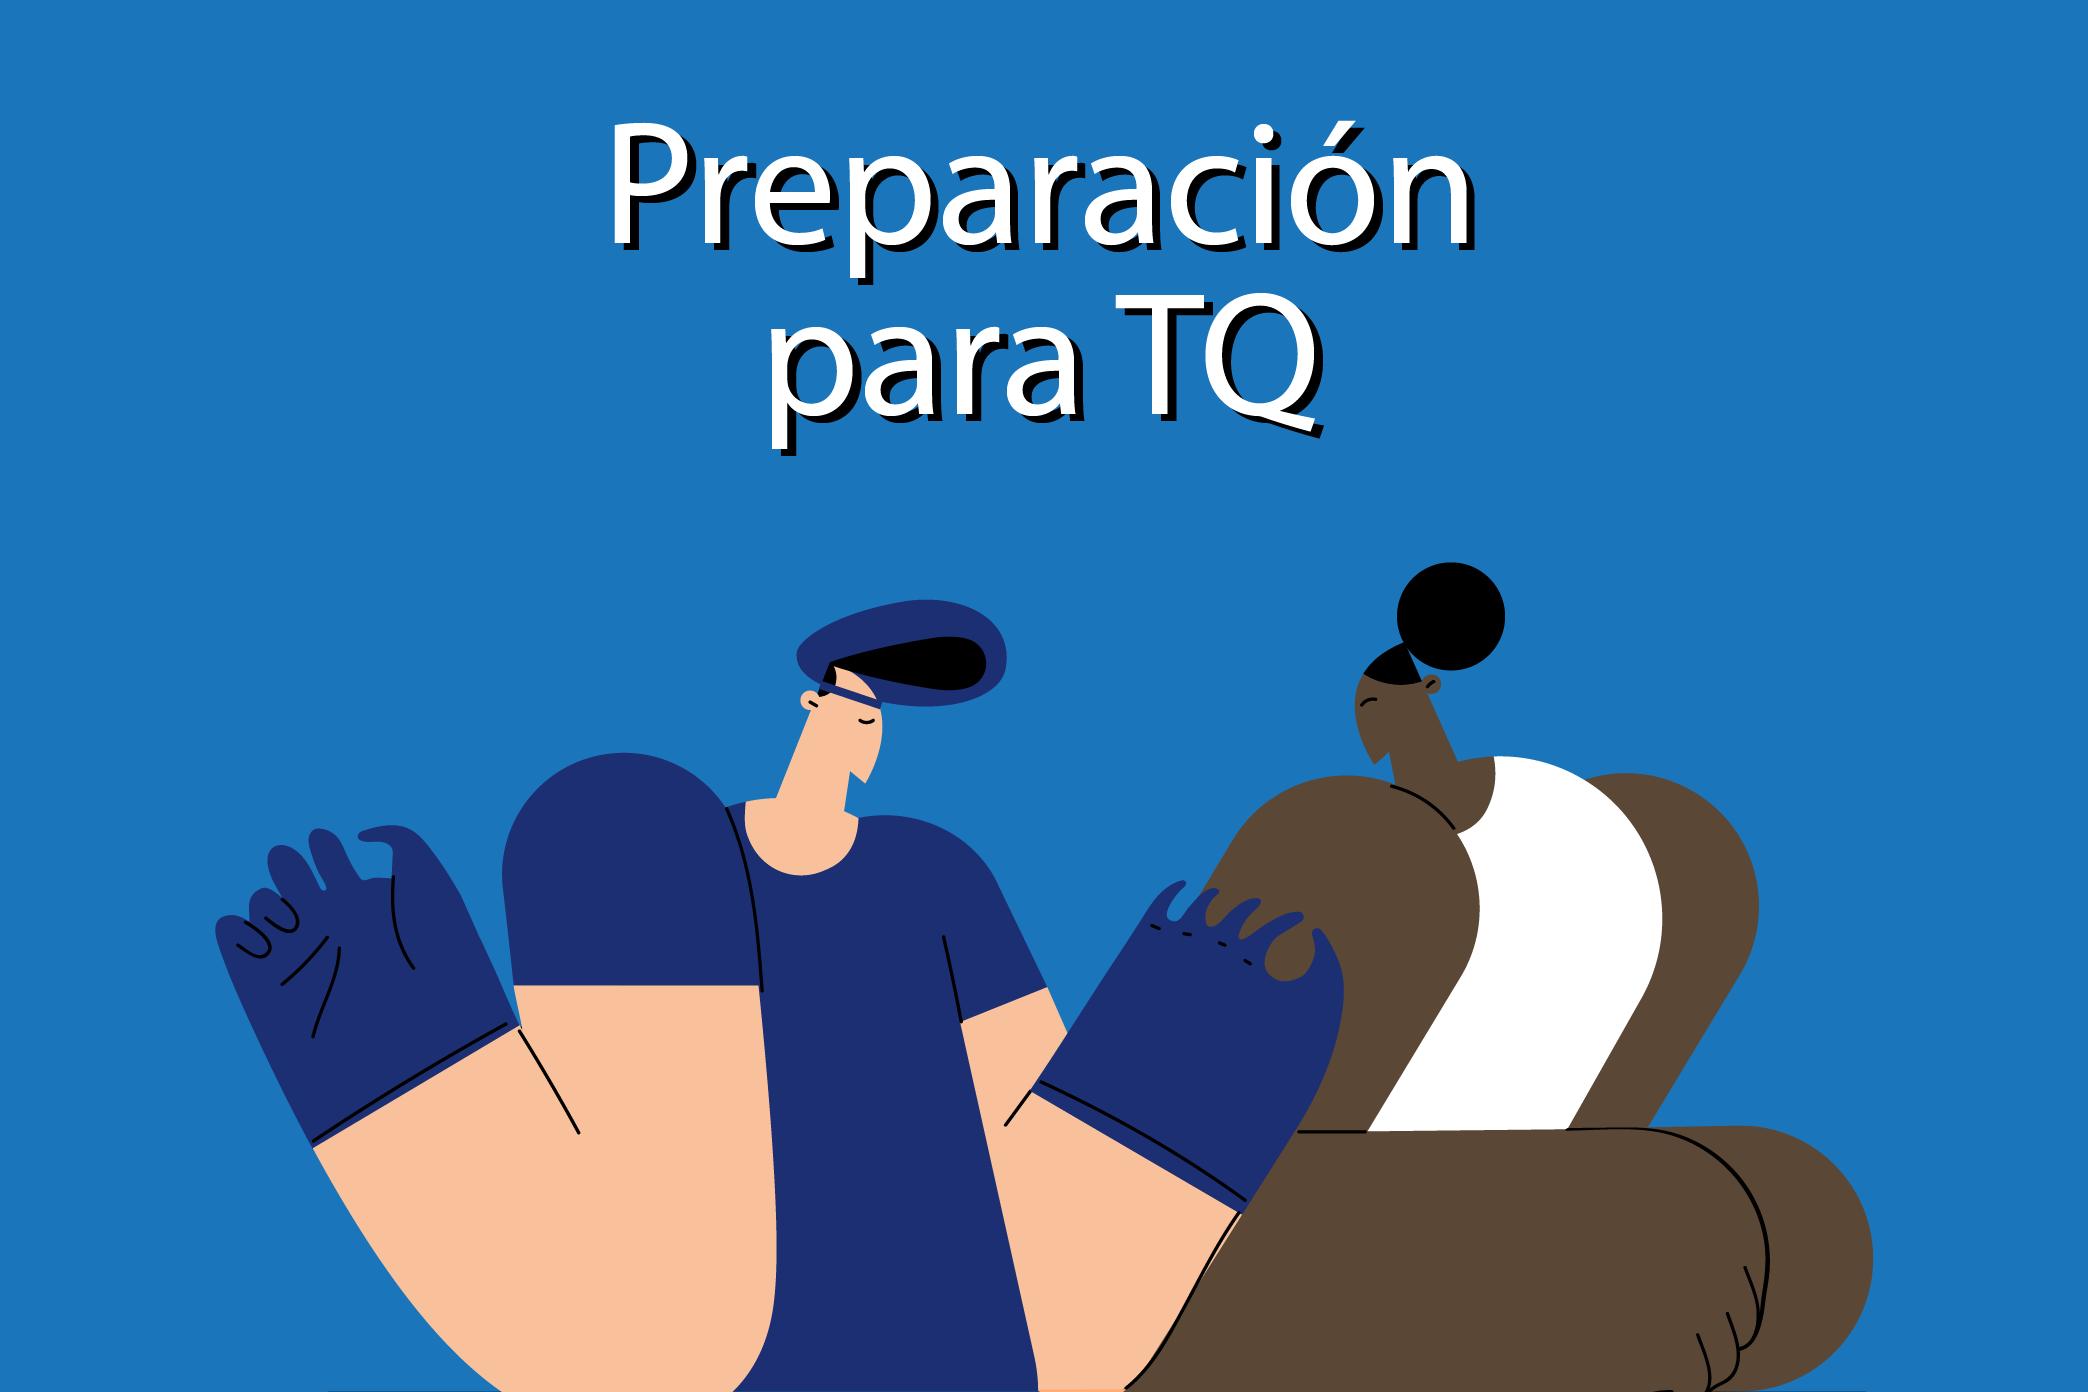 Preparación para TQ